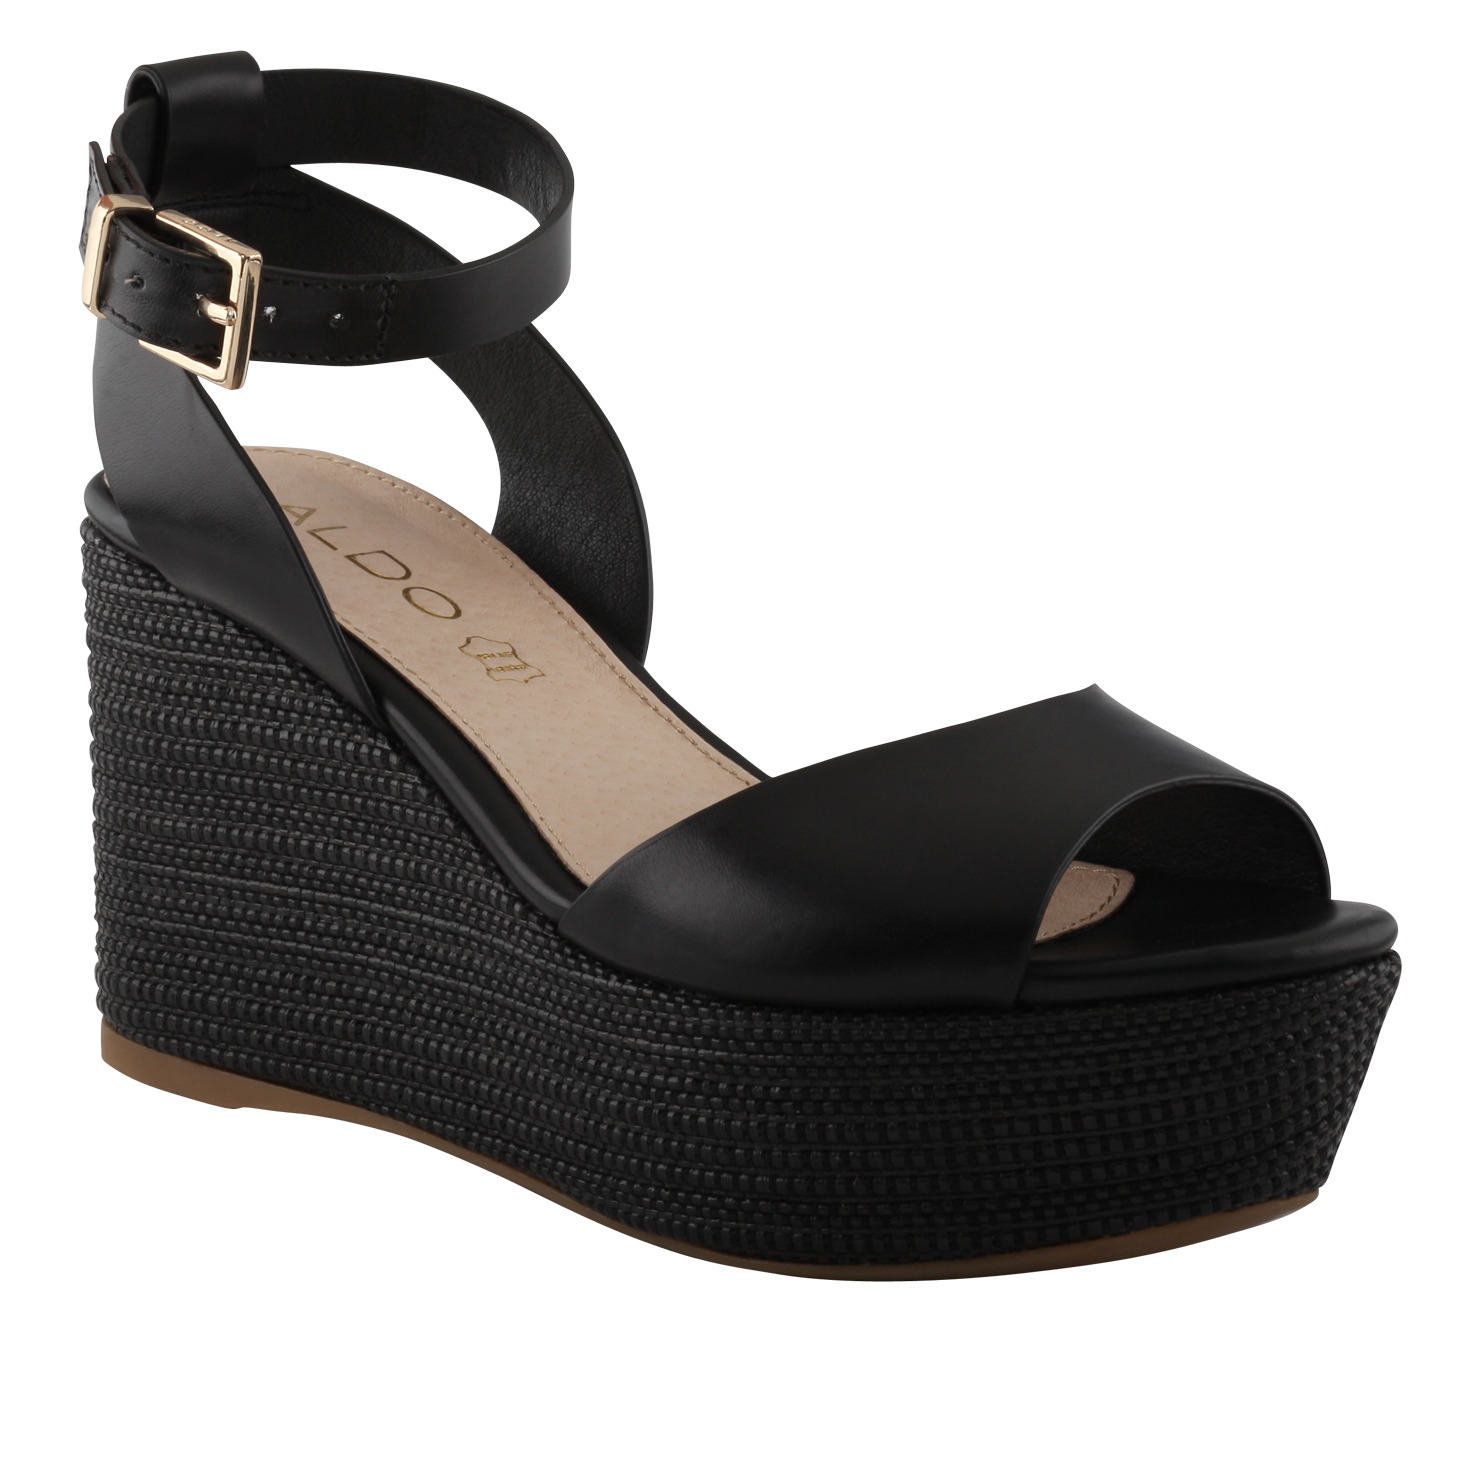 1ba6ad1f04e0 Lyst - ALDO Taipa Wedge Sandals in Black